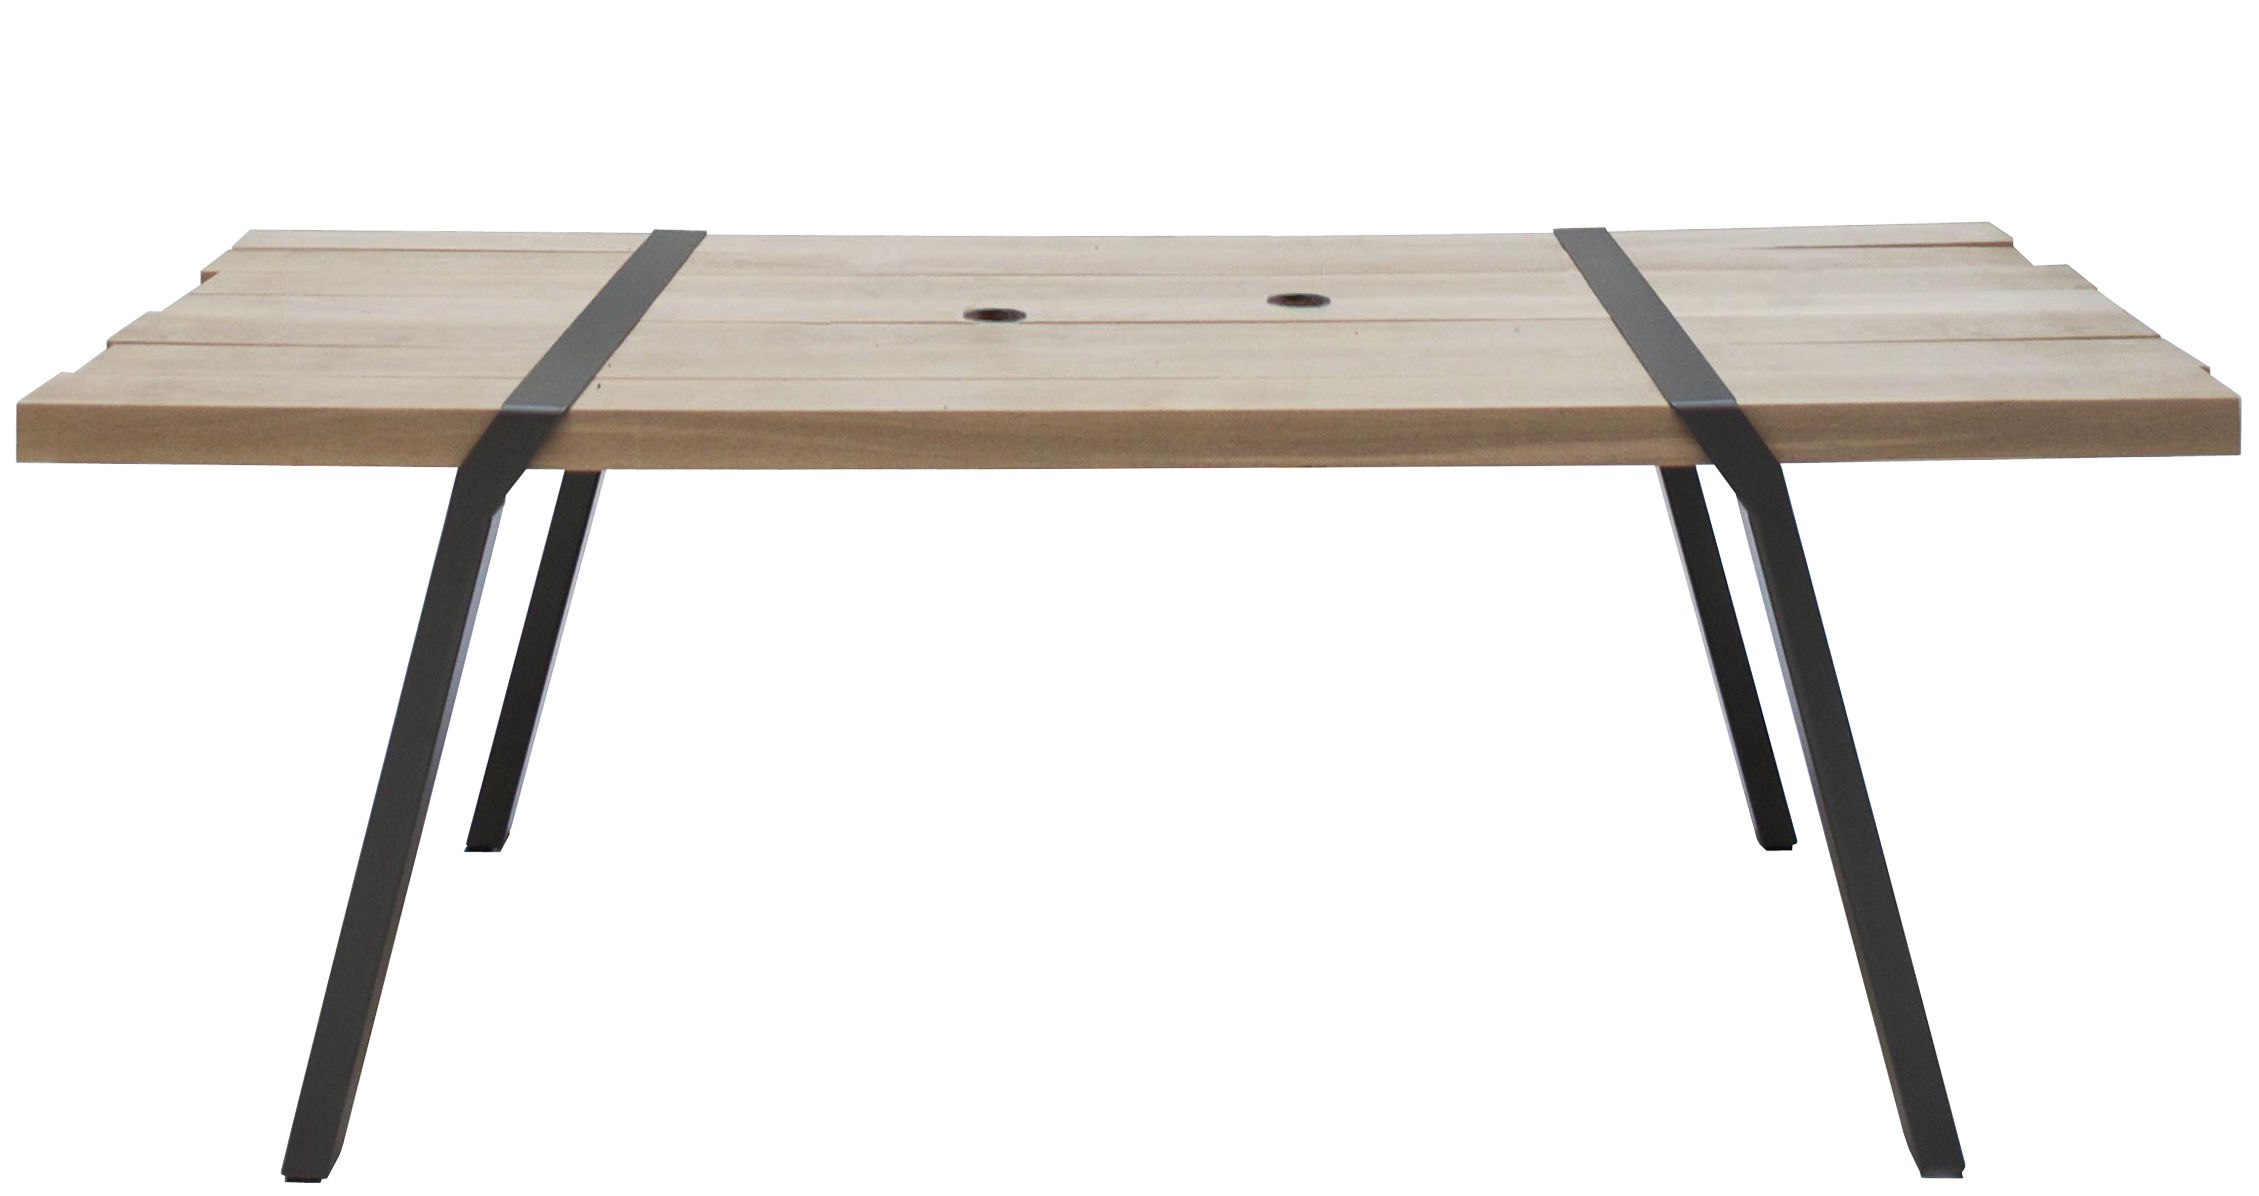 Pi tavolo da giardino interno esterno canna di fucile by for Tavoli di design da esterno